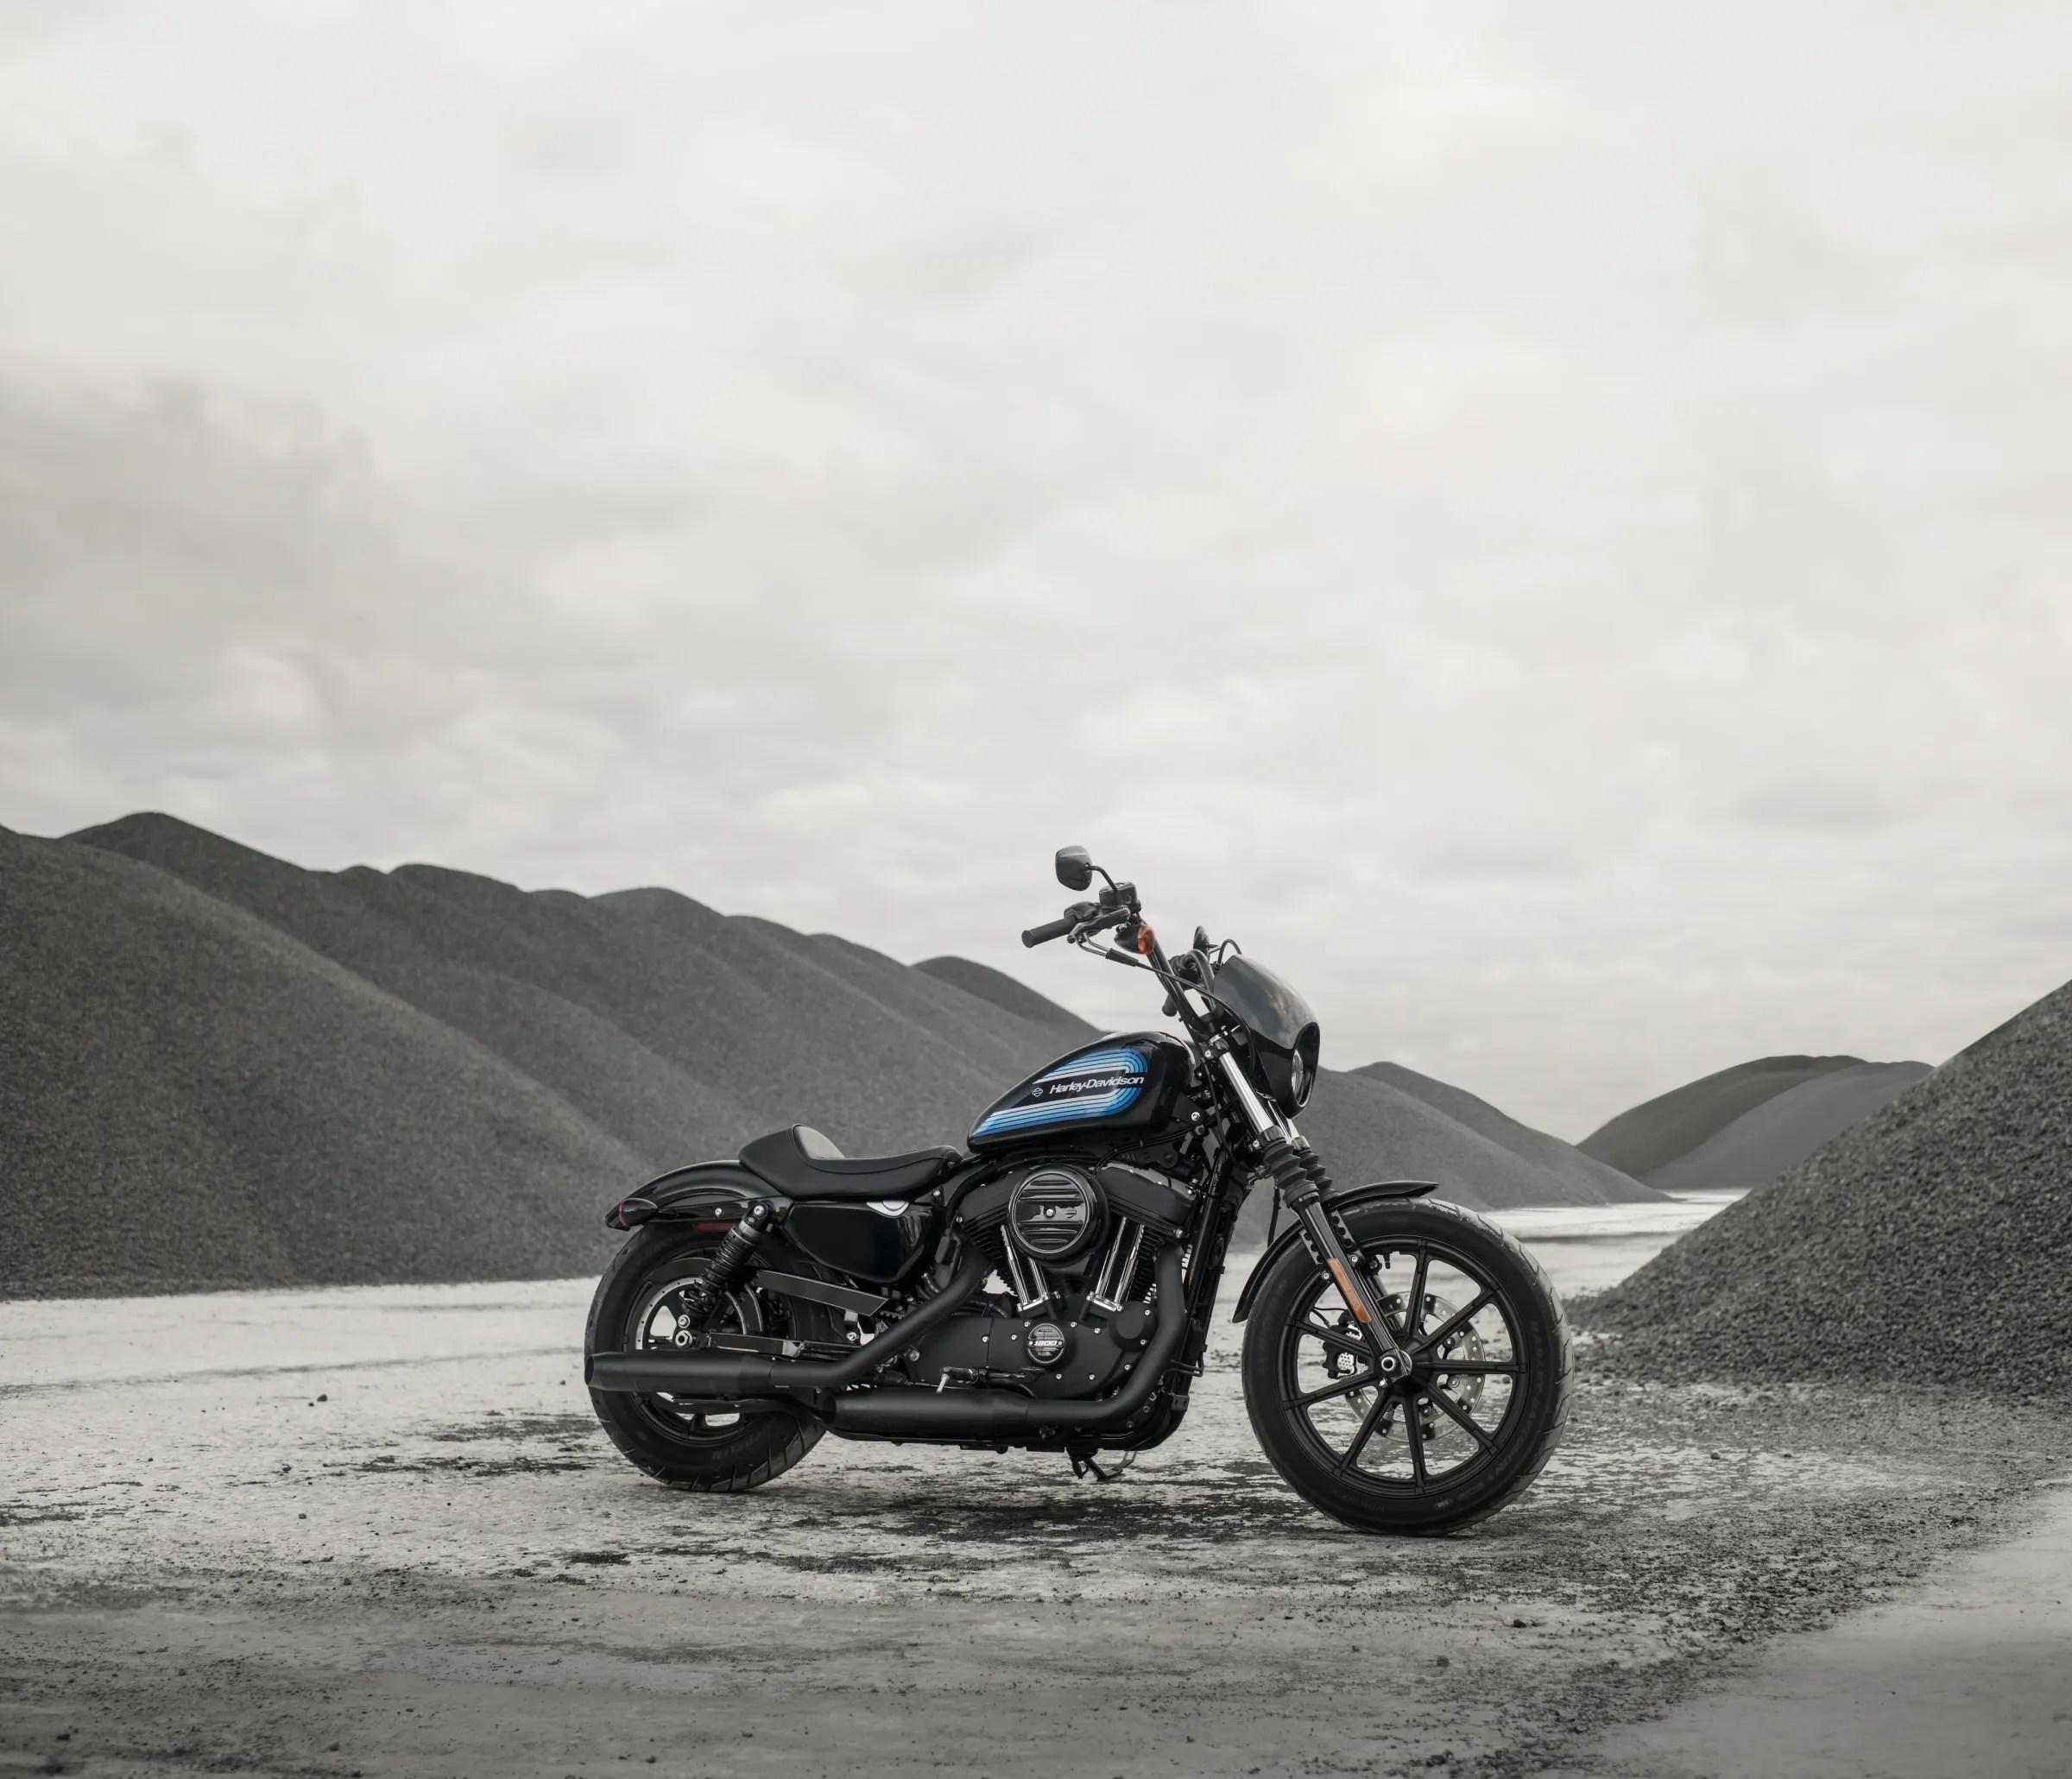 2018 Harley Davidson Iron 1200 Top Speed